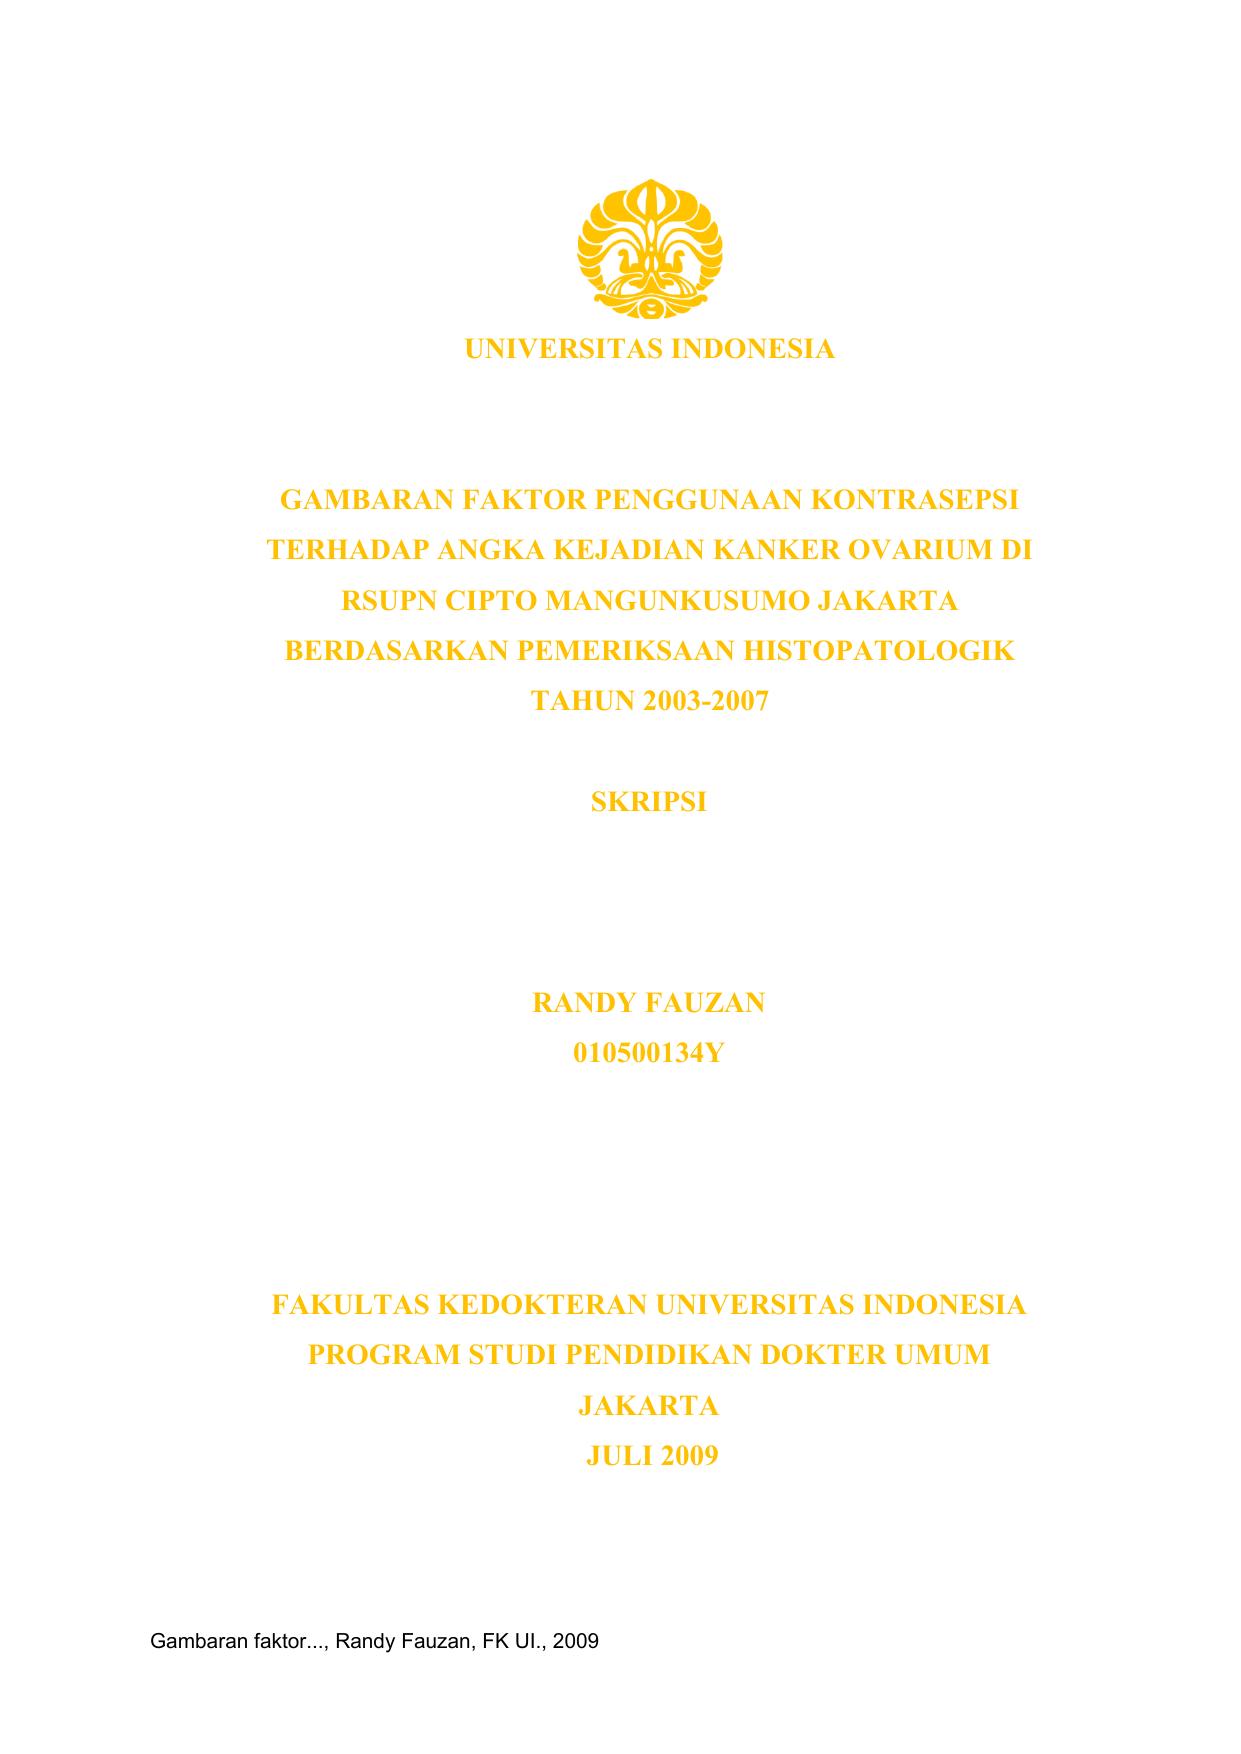 Pdf Skripsi Cinthya Yuanita 0806323845 Fakultas Kedokteran Program Studi Kedokteran Umum Jakarta Mei 2011 Dede Andrean Academia Edu